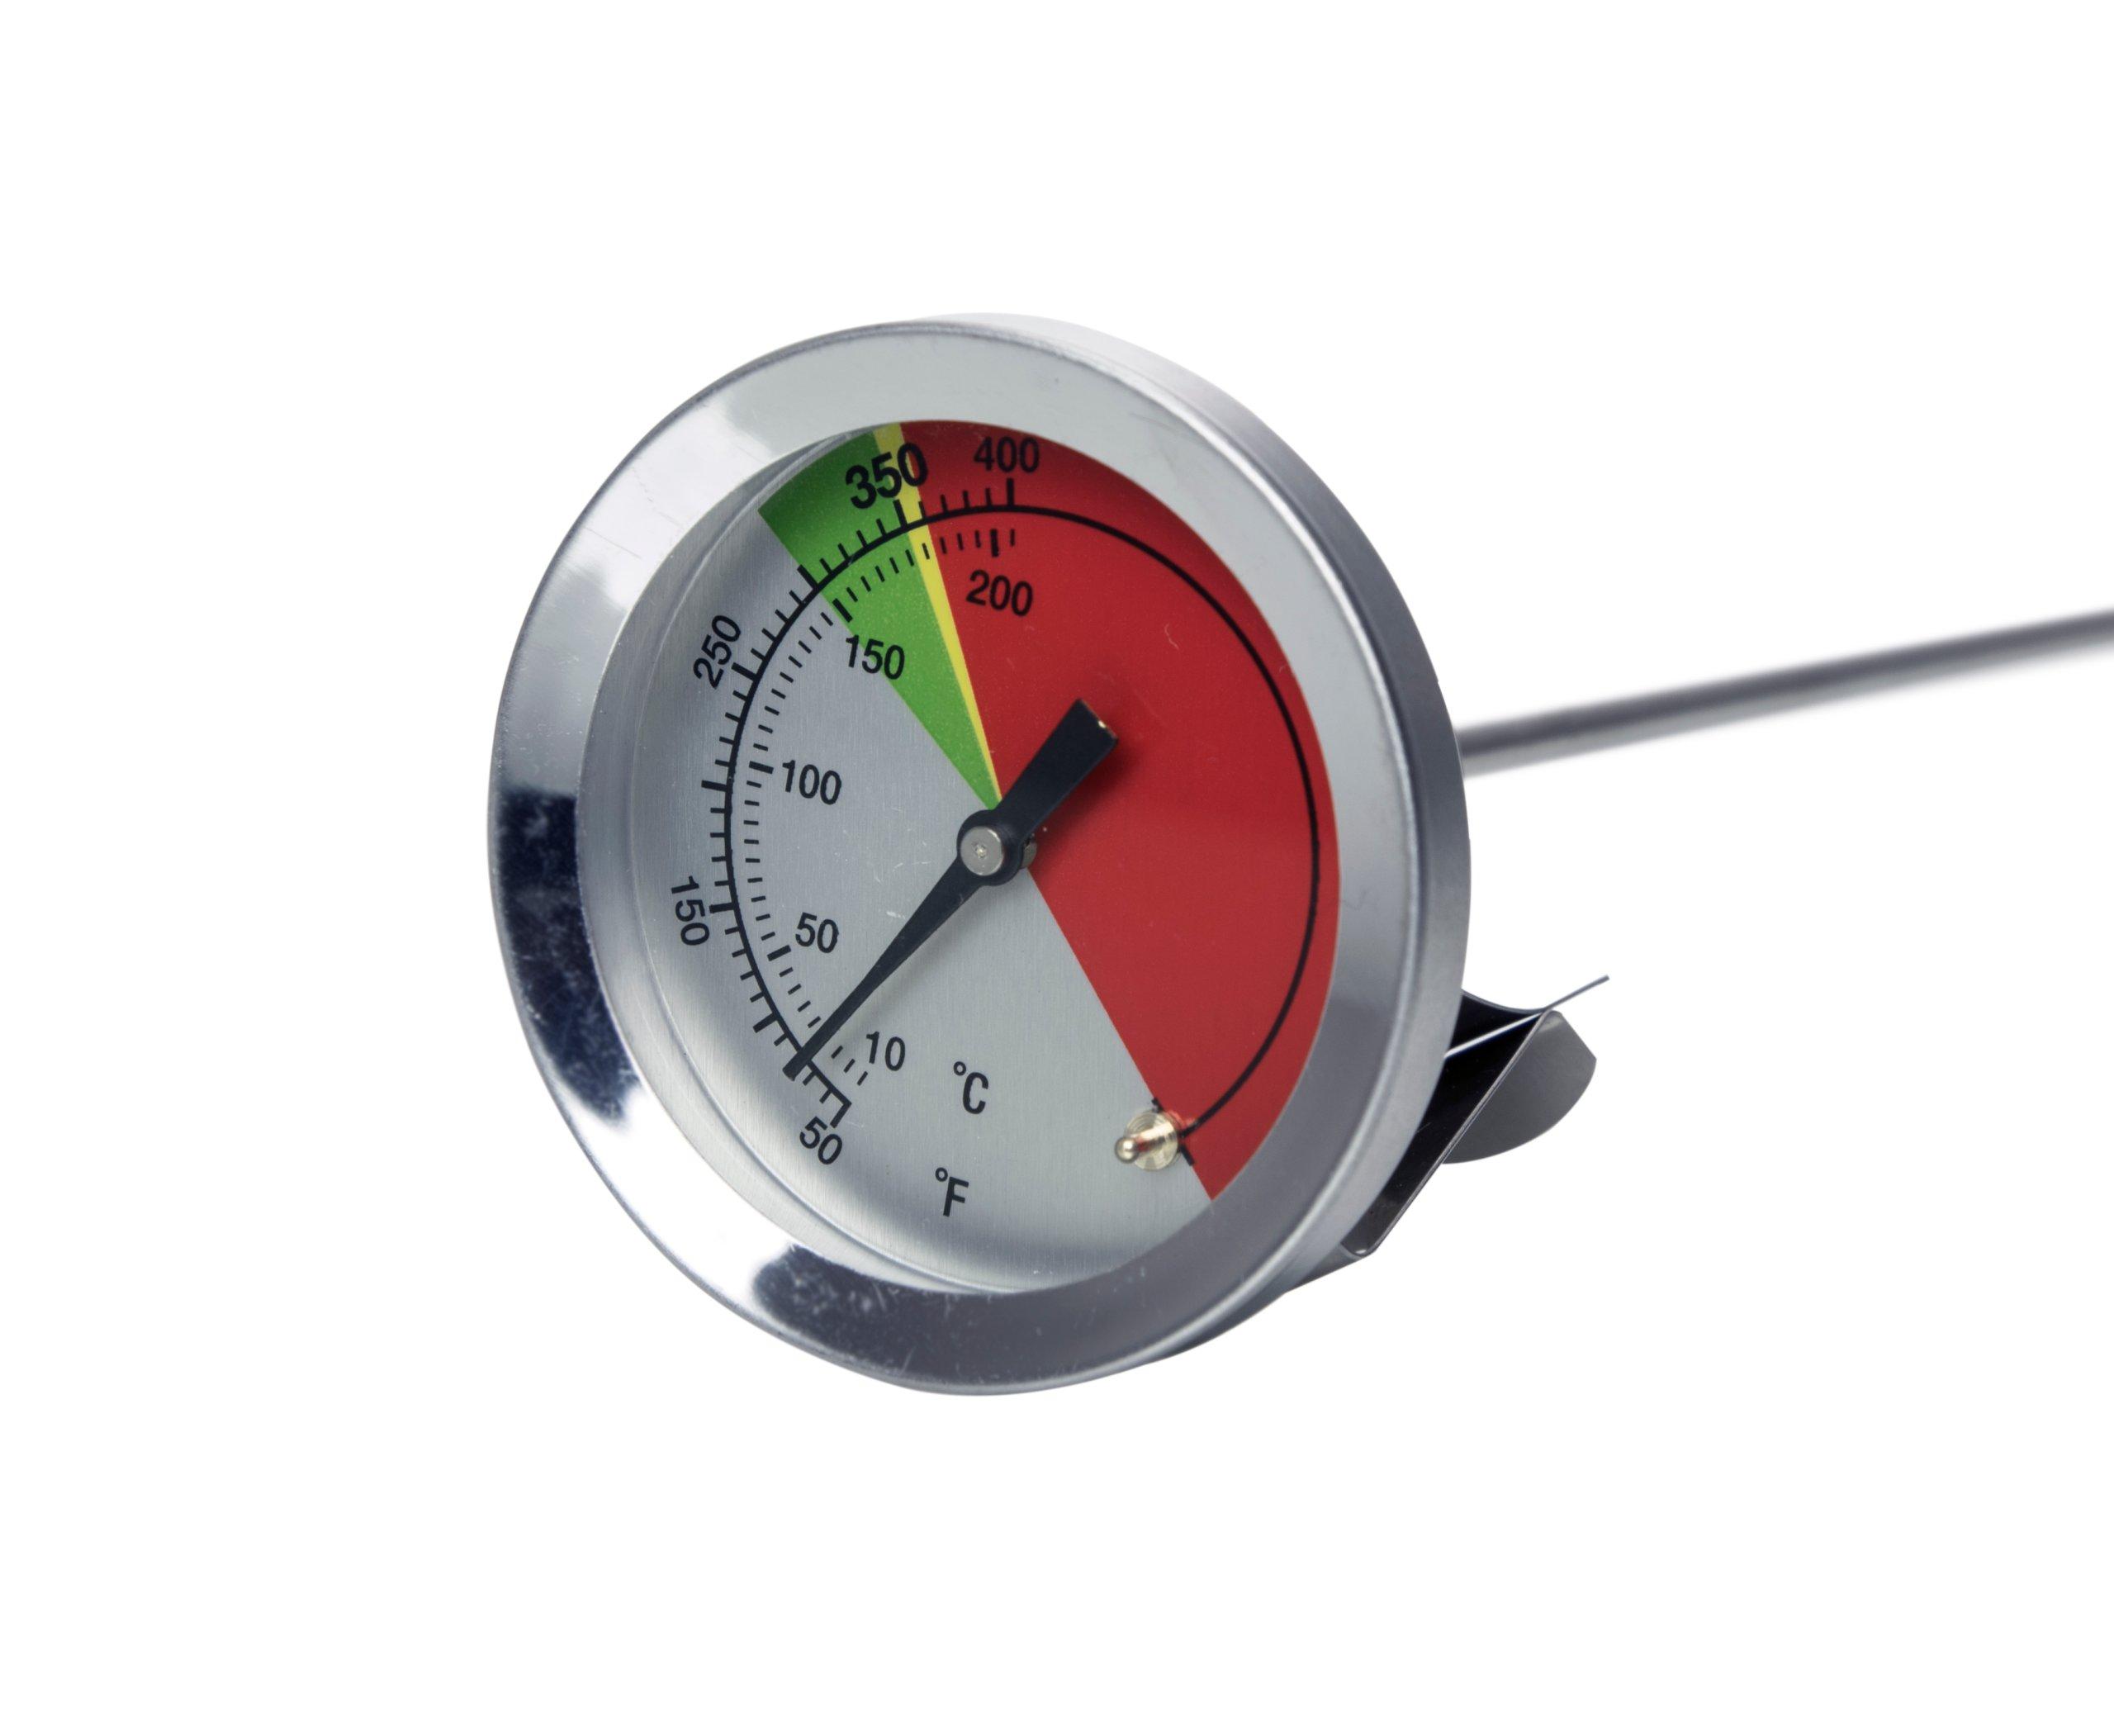 Как выбрать лучший кухонный термометр для мяса: виды, принцип работы, обзор 7 популярных моделей, их плюсы и минумы